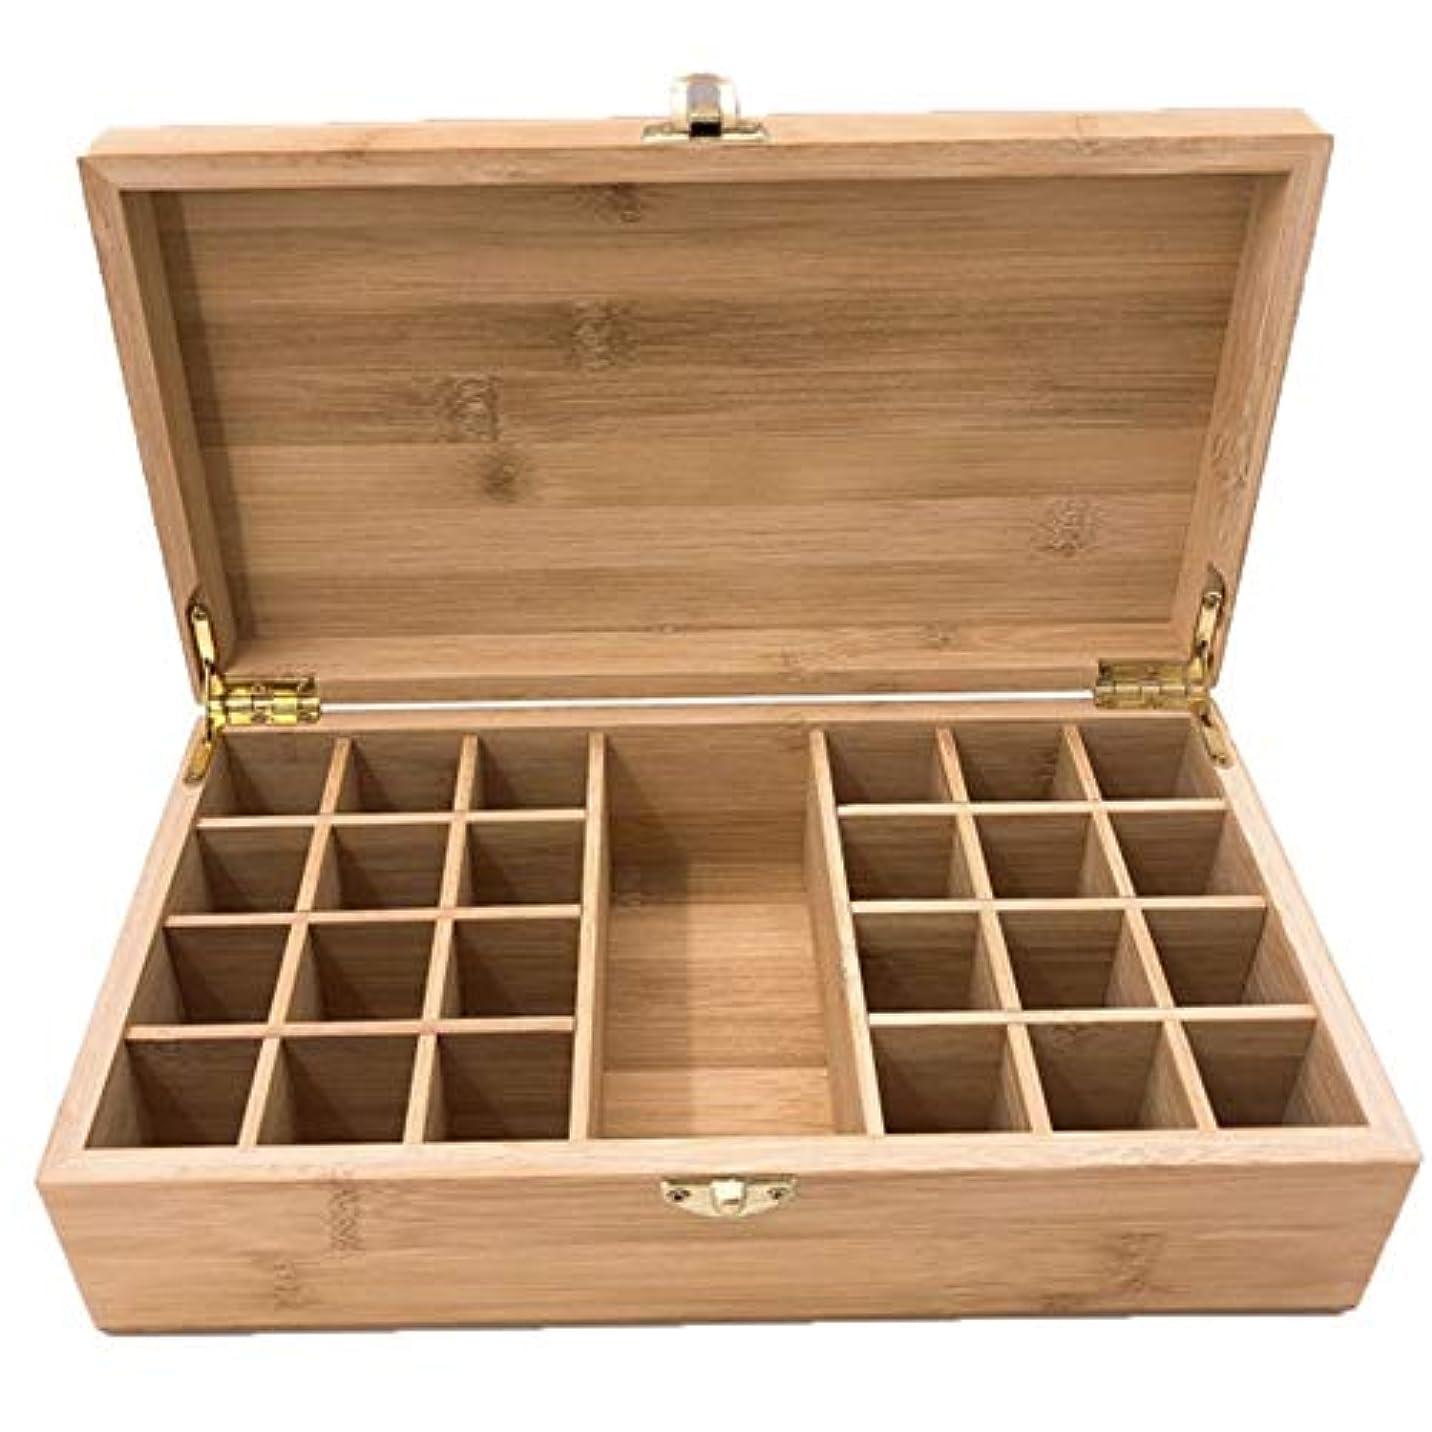 スイング妖精メールエッセンシャルオイルストレージボックスケース木製??の主催者は25本のキャリングセーフボトルやホームストレージの表示を保持します アロマセラピー製品 (色 : Natural, サイズ : 27.5X15X8.3CM)